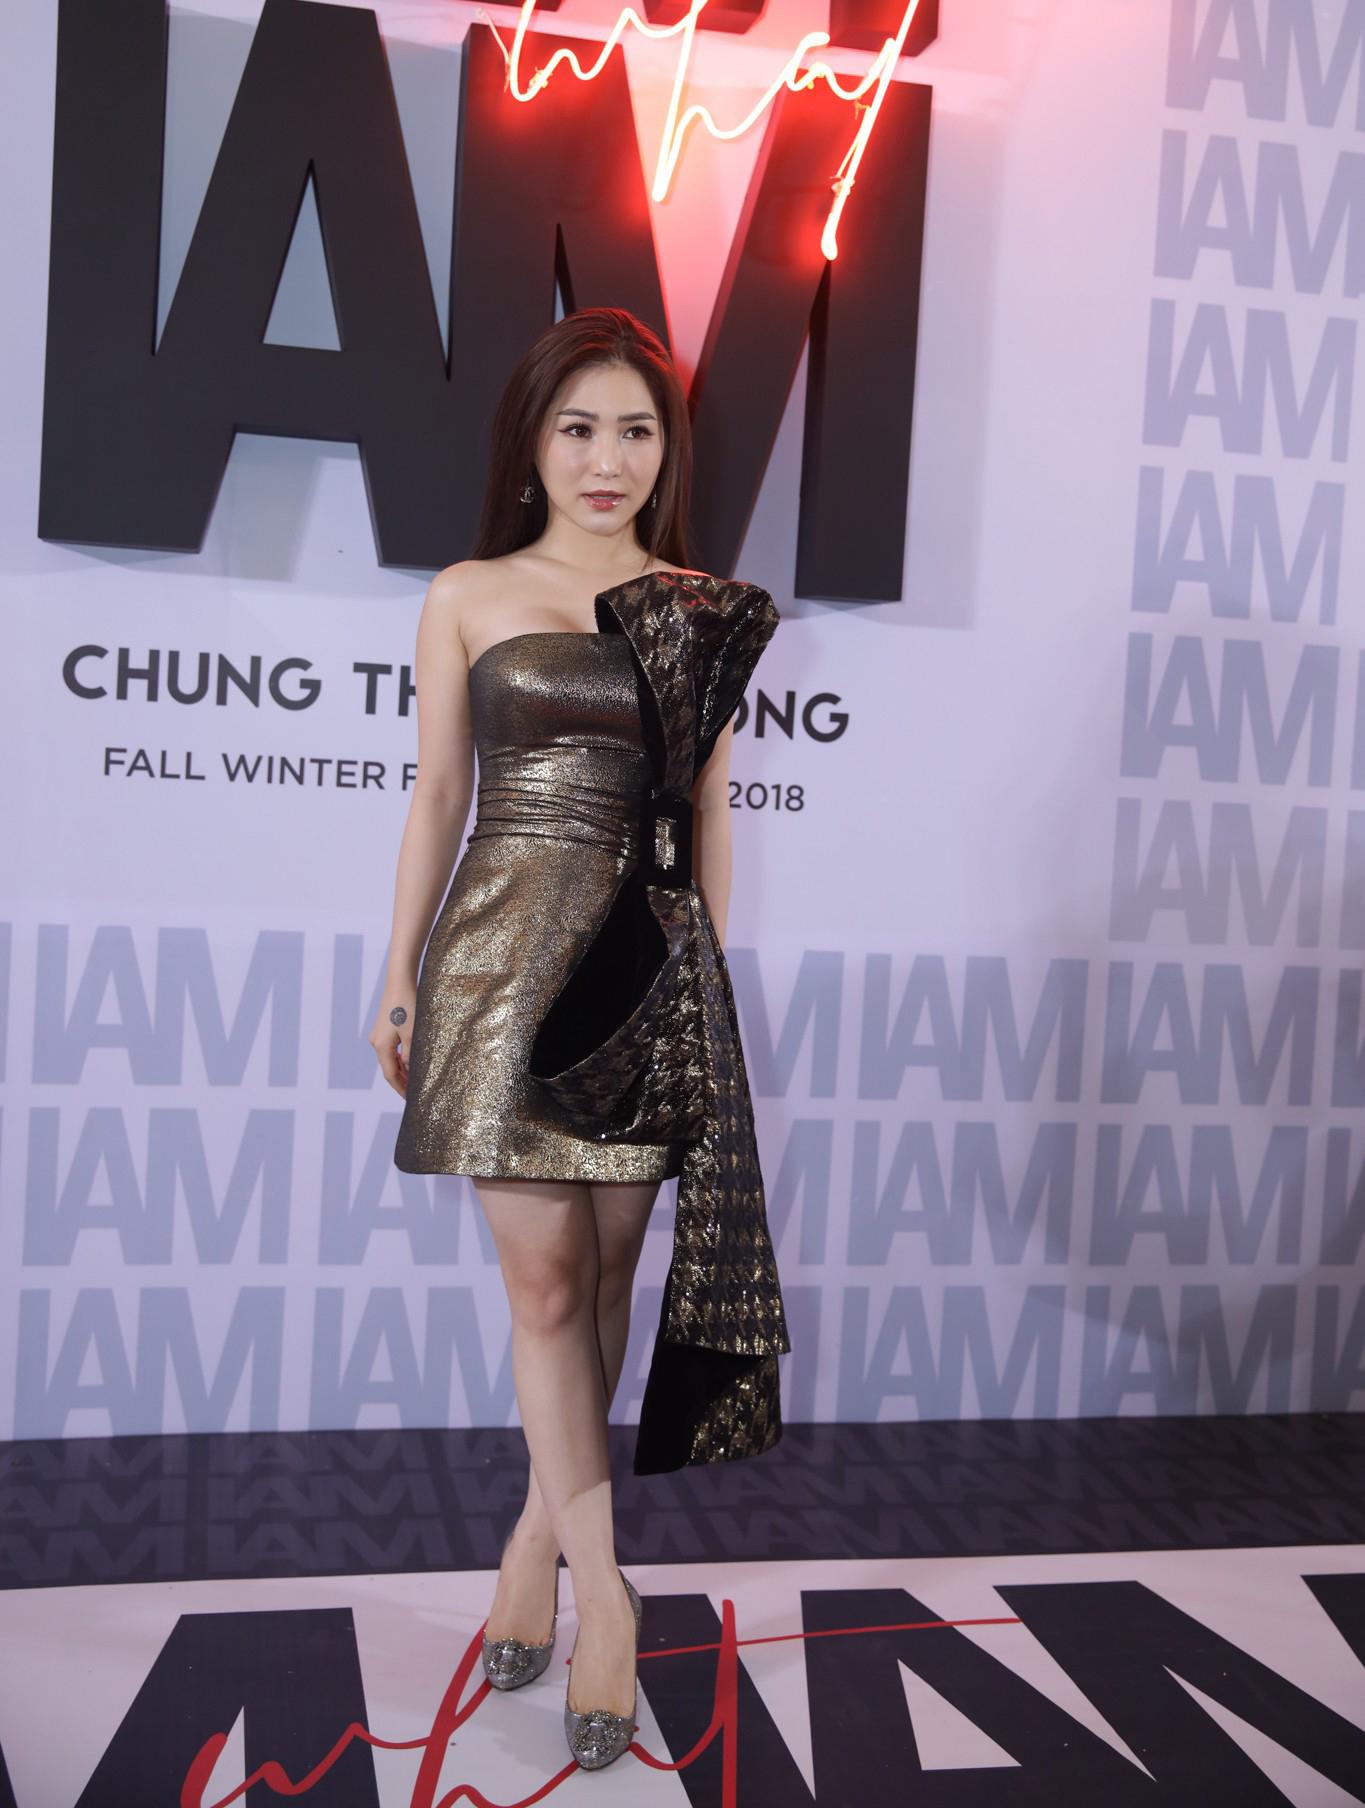 Thảm đỏ show Chung Thanh Phong: Khi dàn sao nữ đồng loạt lên đồ như dự lễ hội Halloween - Ảnh 13